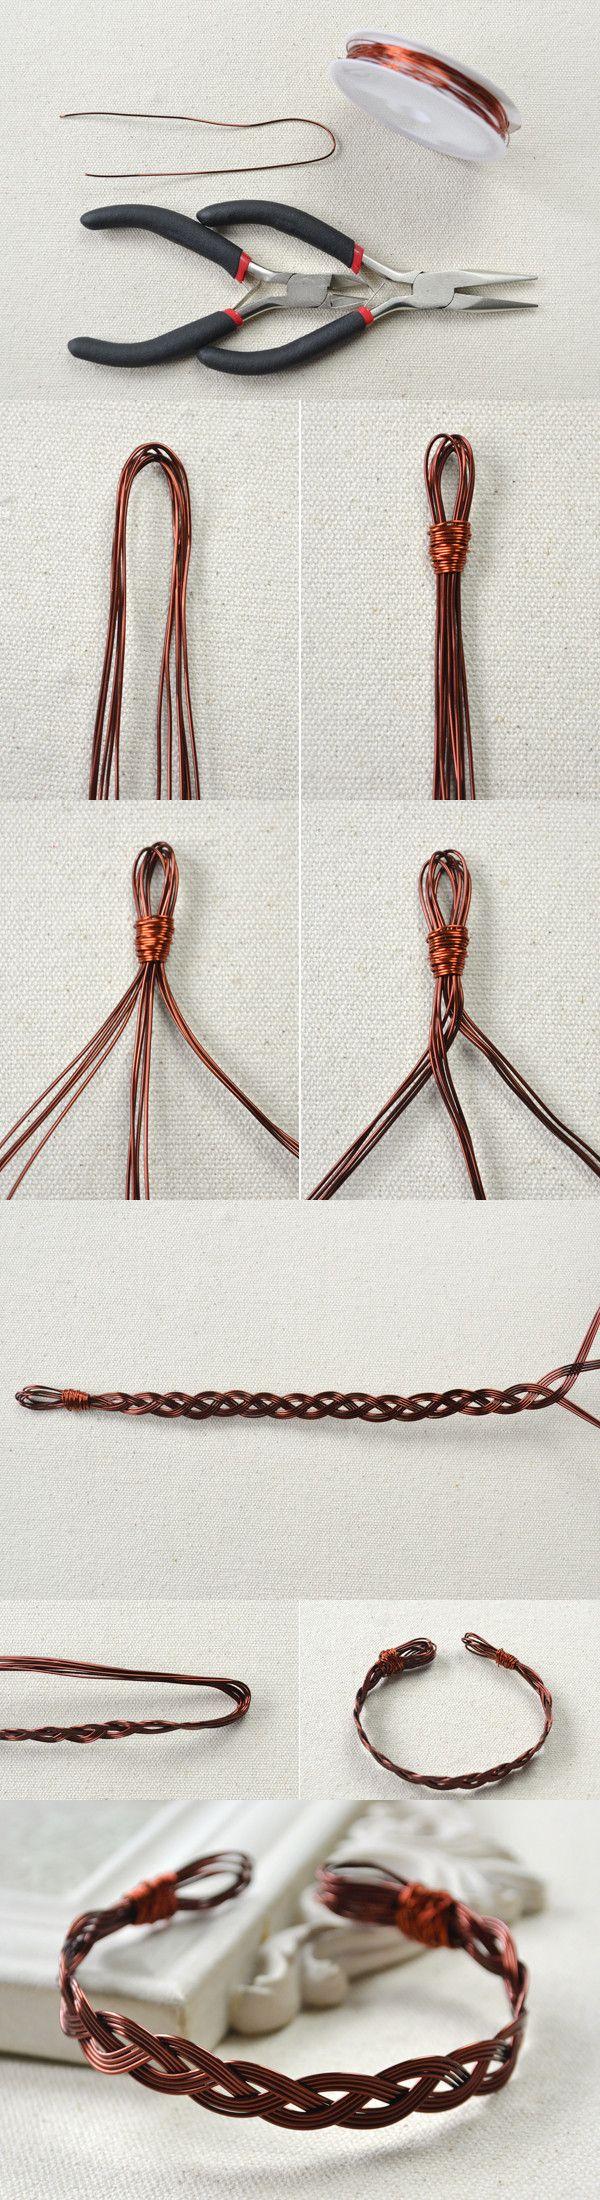 Stiff wire for crafts download